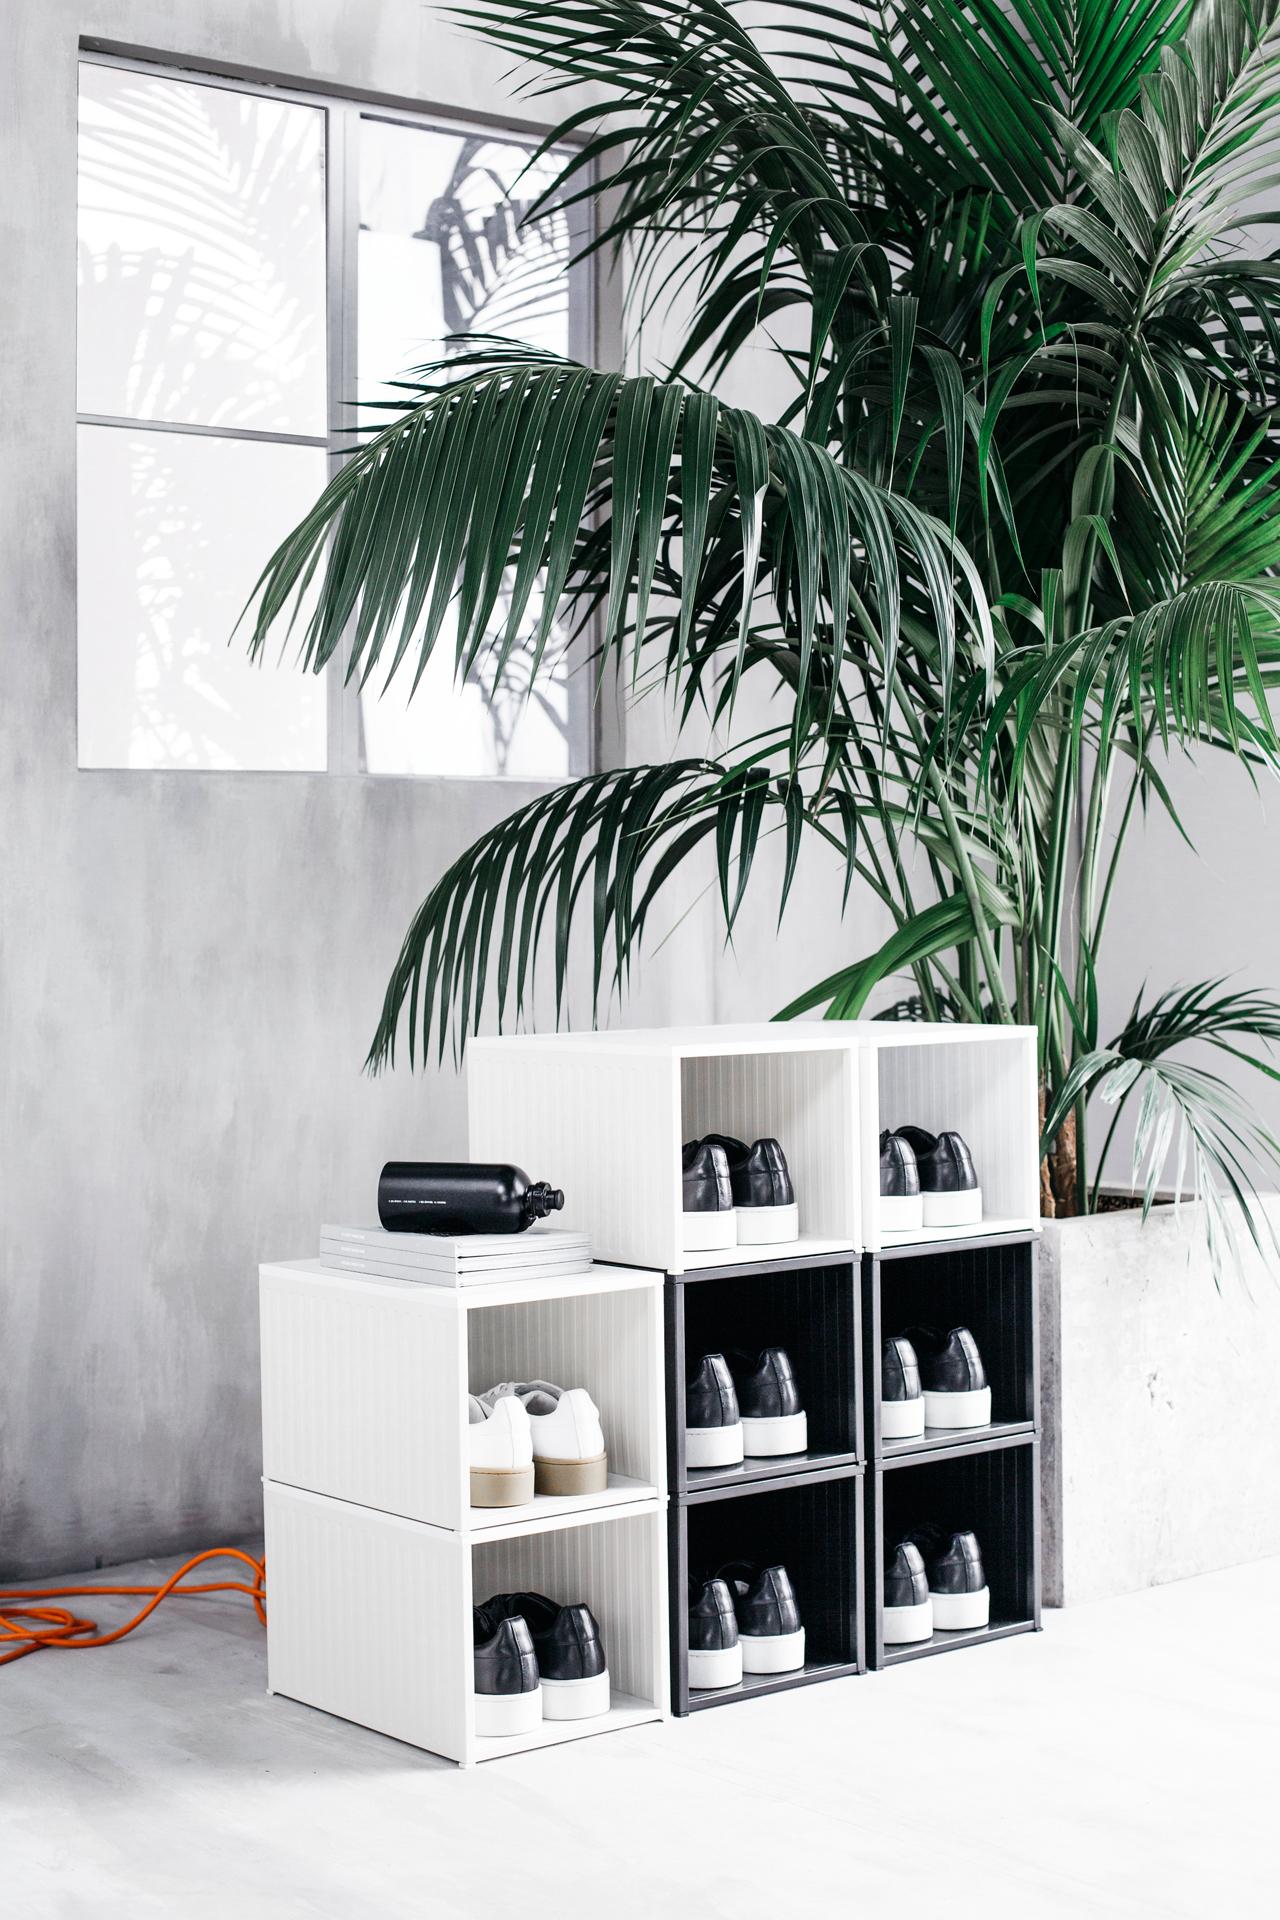 Białe modułowe półki na buty w minimalistycznym betonowym wnętrzu, obok palma.